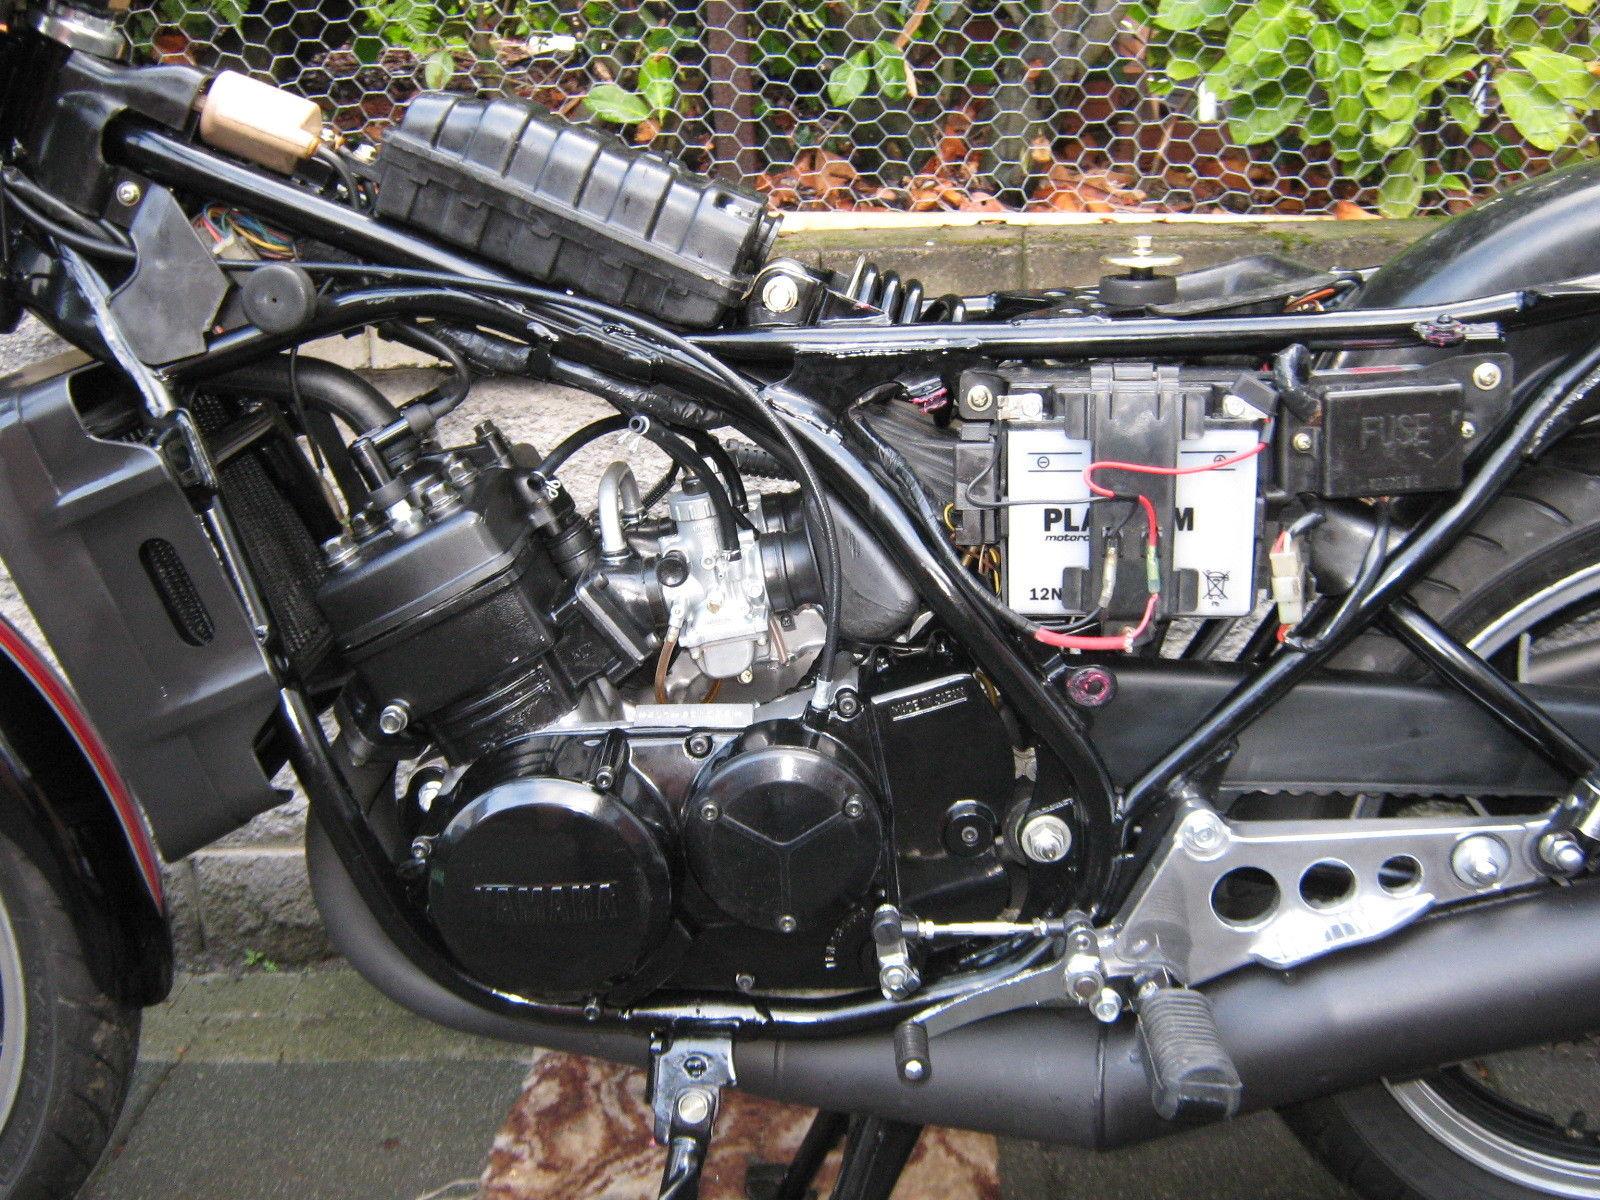 Yamaha RD250LC - 1985